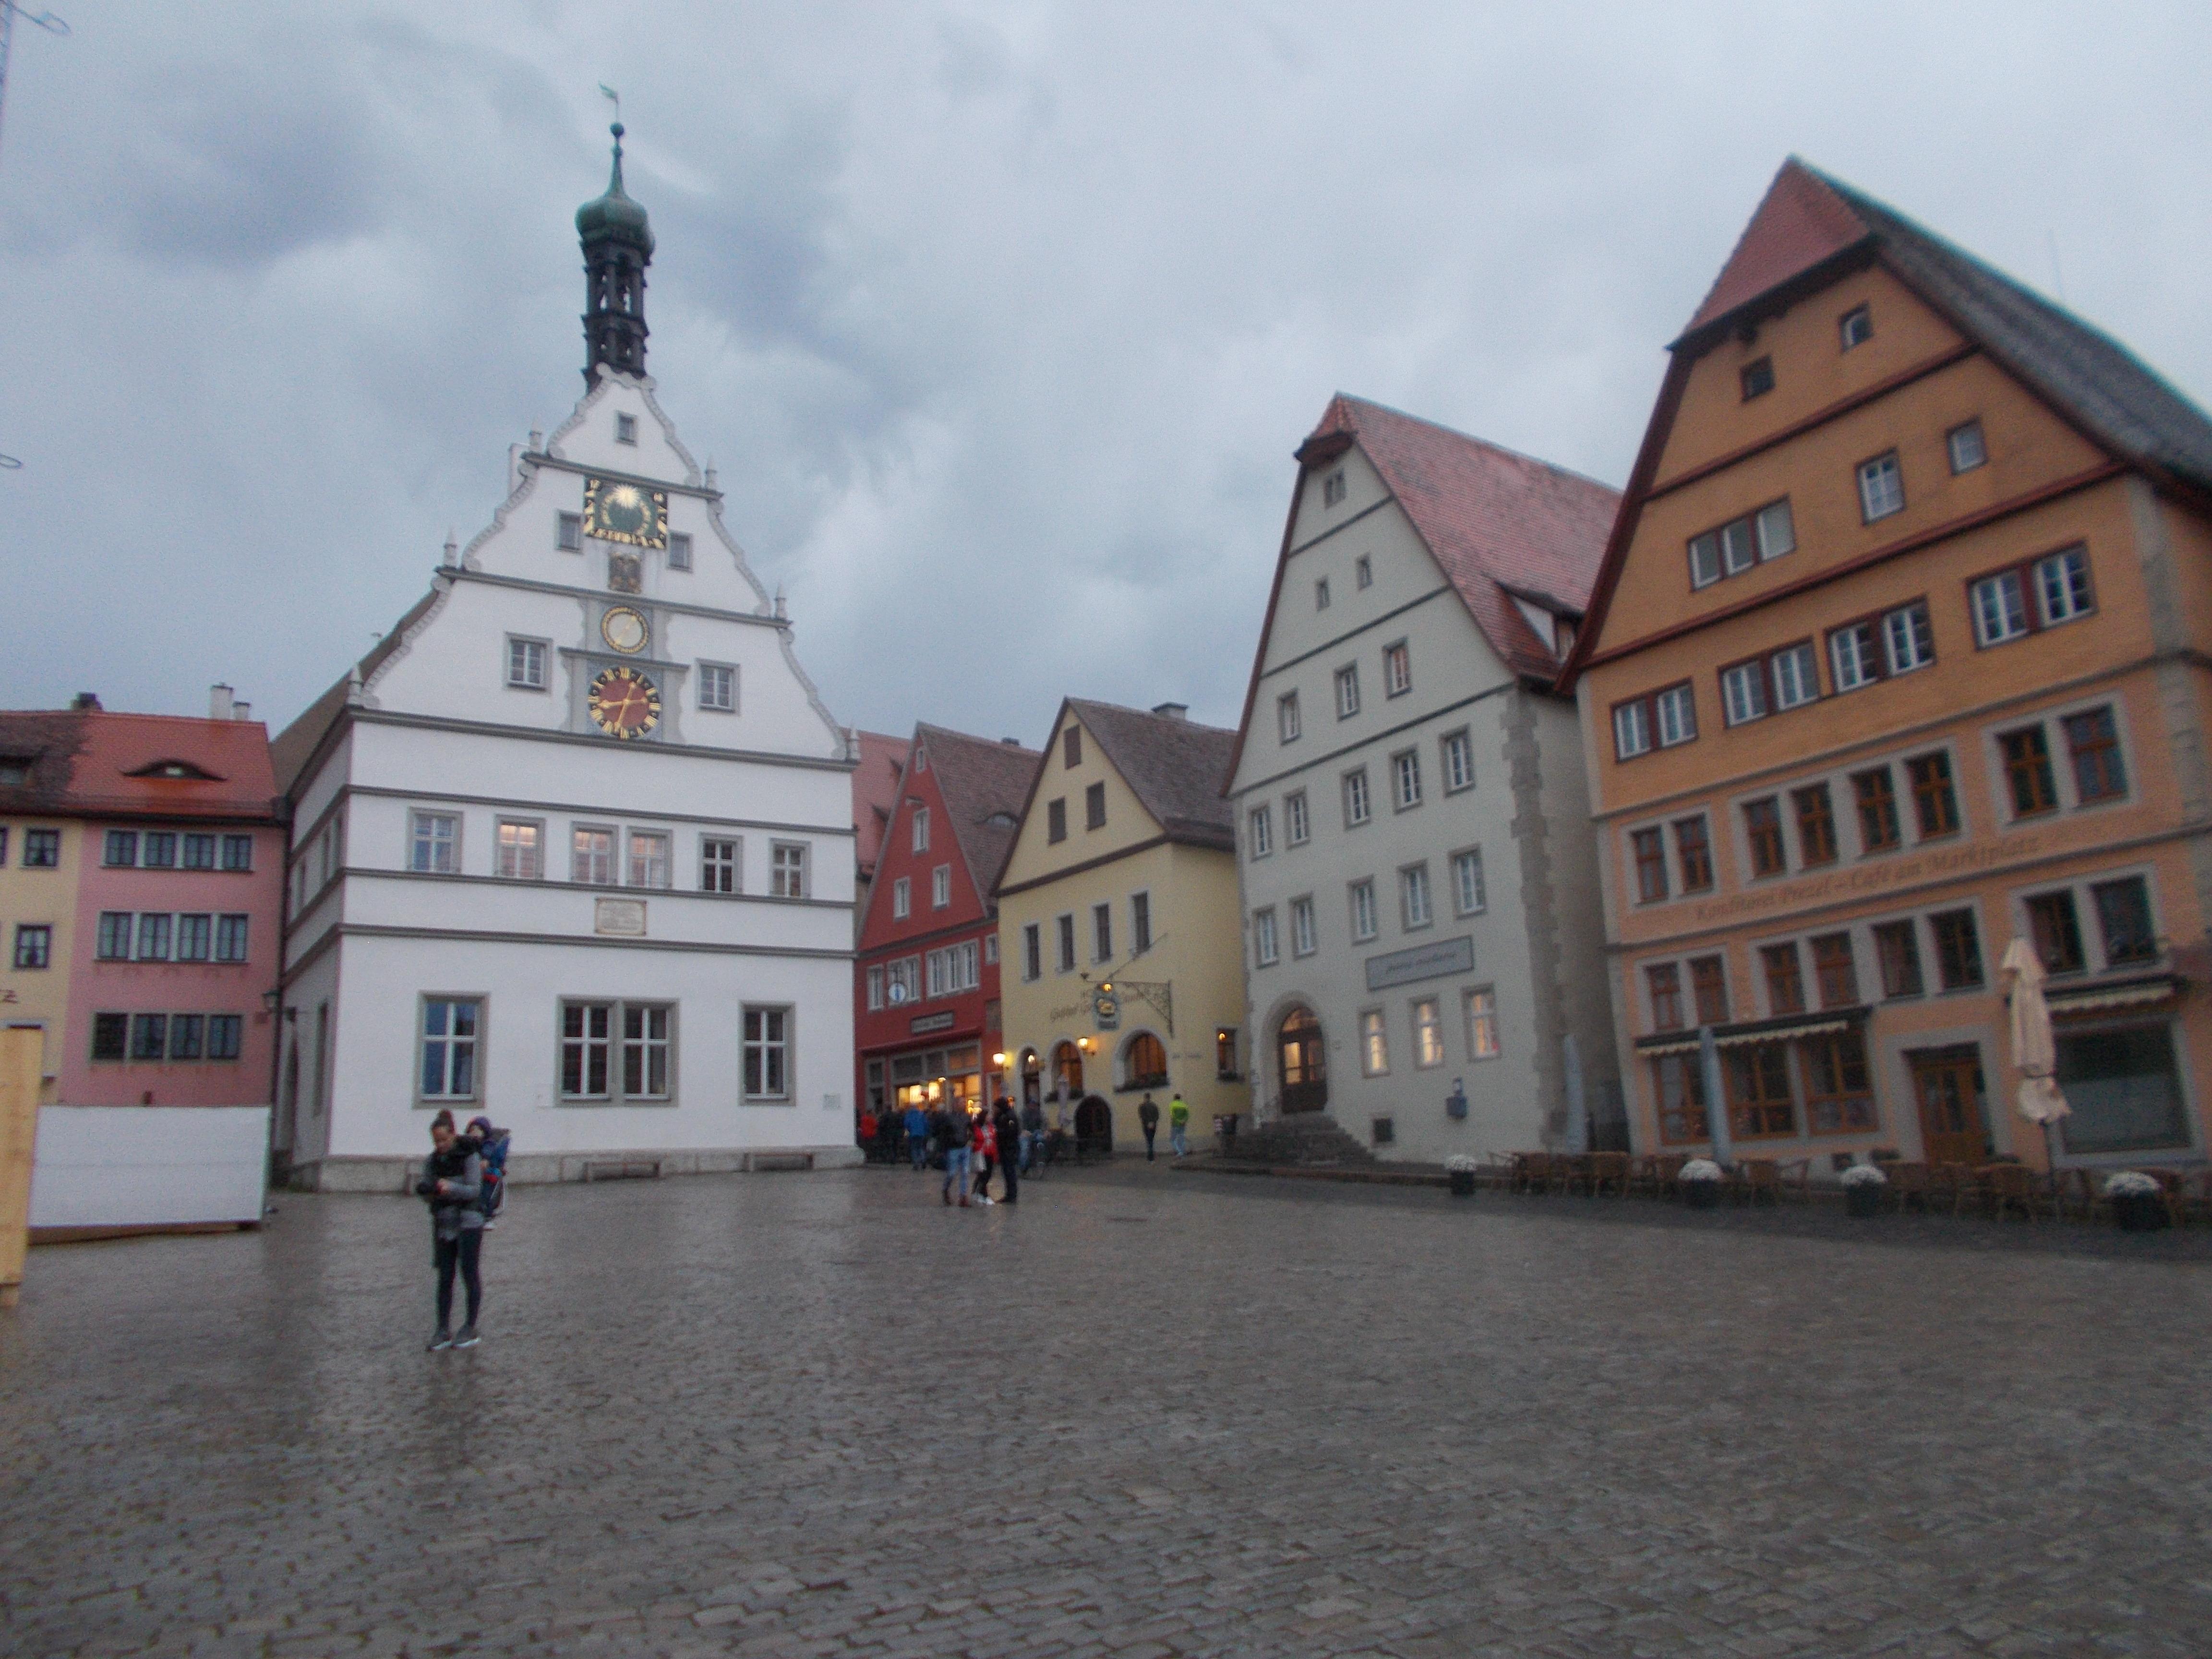 Königswinter to Rothenburg-ob-der-Tauber